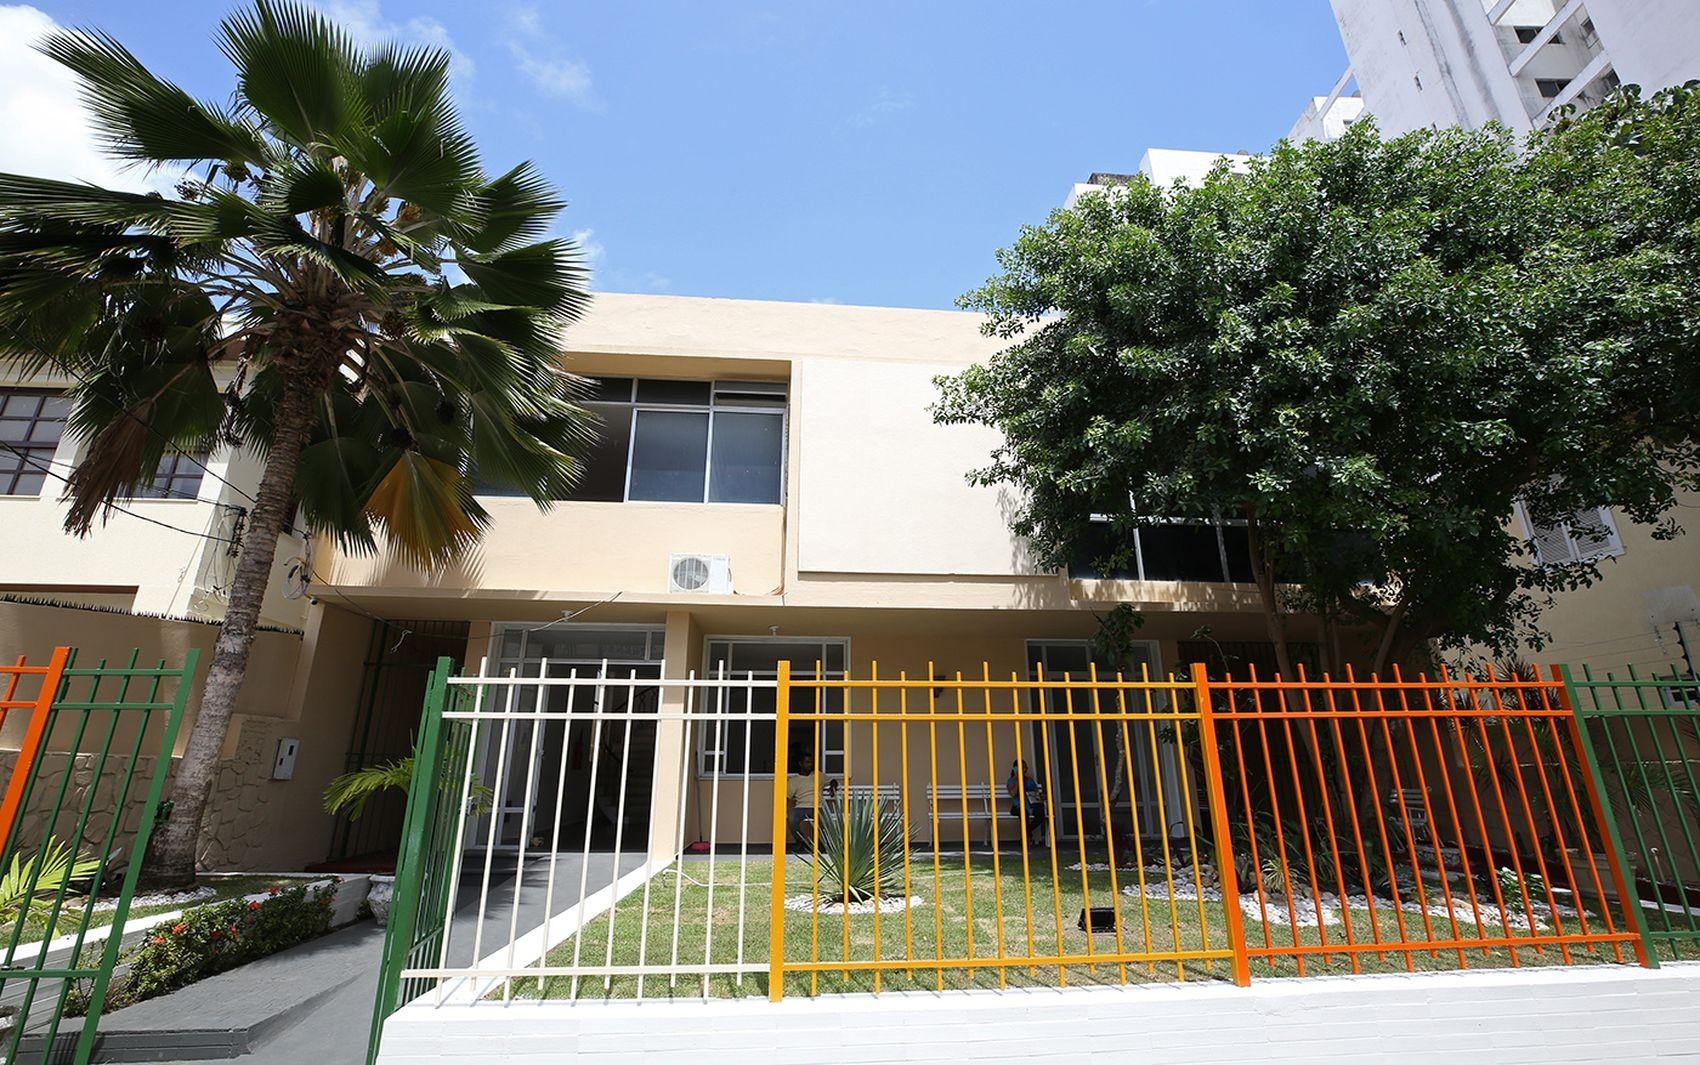 Escola de Artes Valdice Teles abre mais de 700 vagas para oficinas de dança, teatro e música em Aracaju